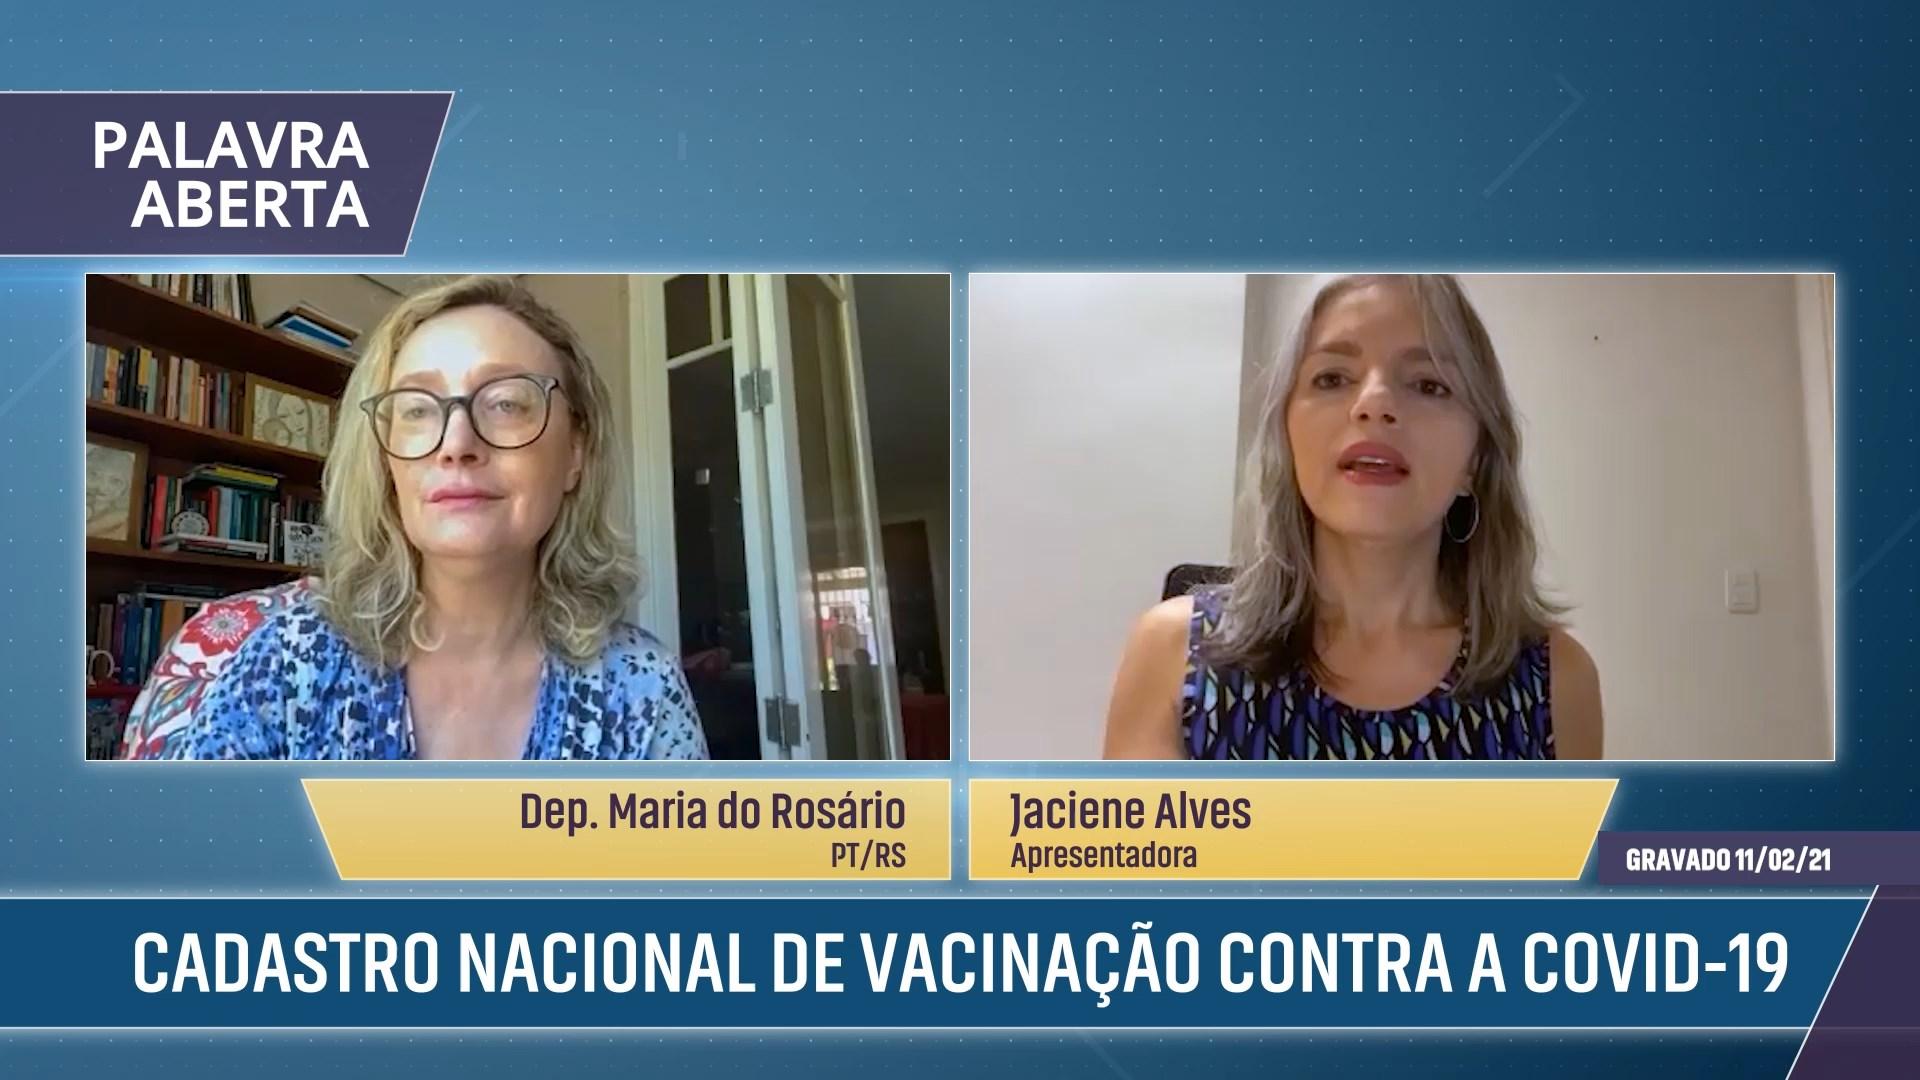 Cadastro Nacional de Vacinação contra a Covid-19